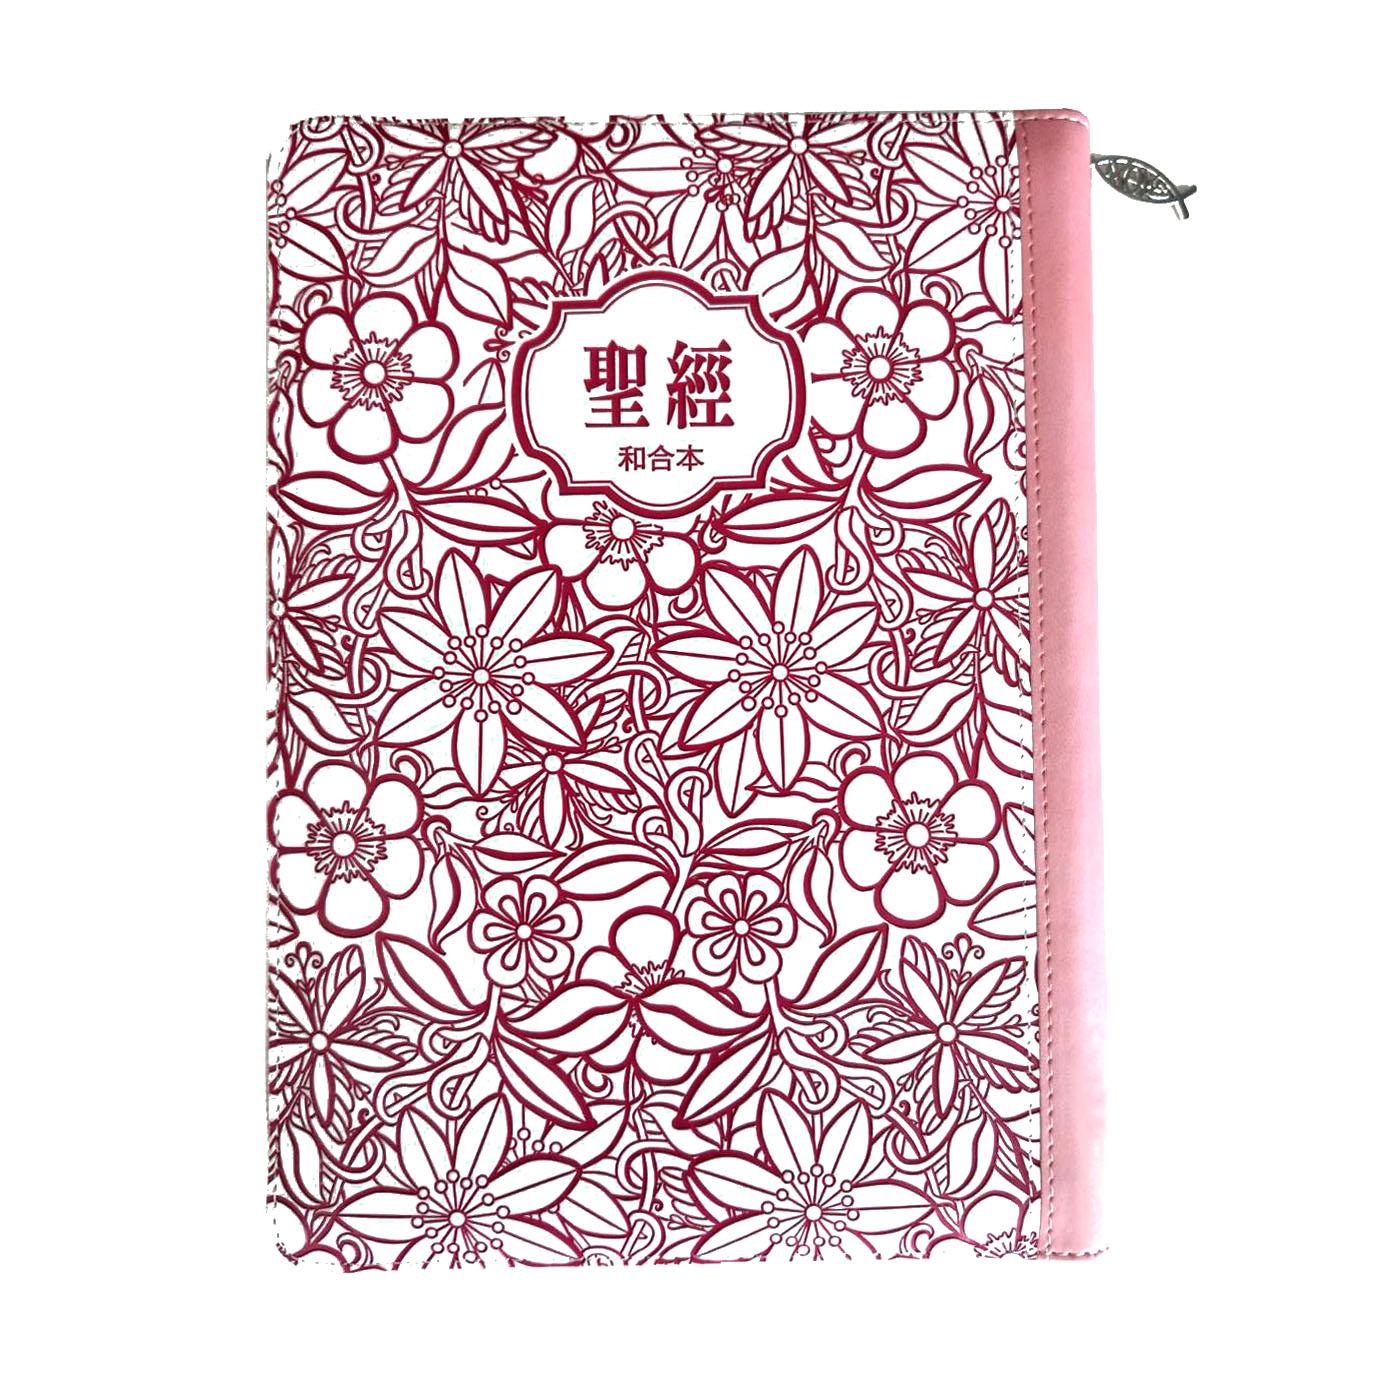 【買一送一】(花朵紅)皮面拉鍊索引_7系列聖經和合本